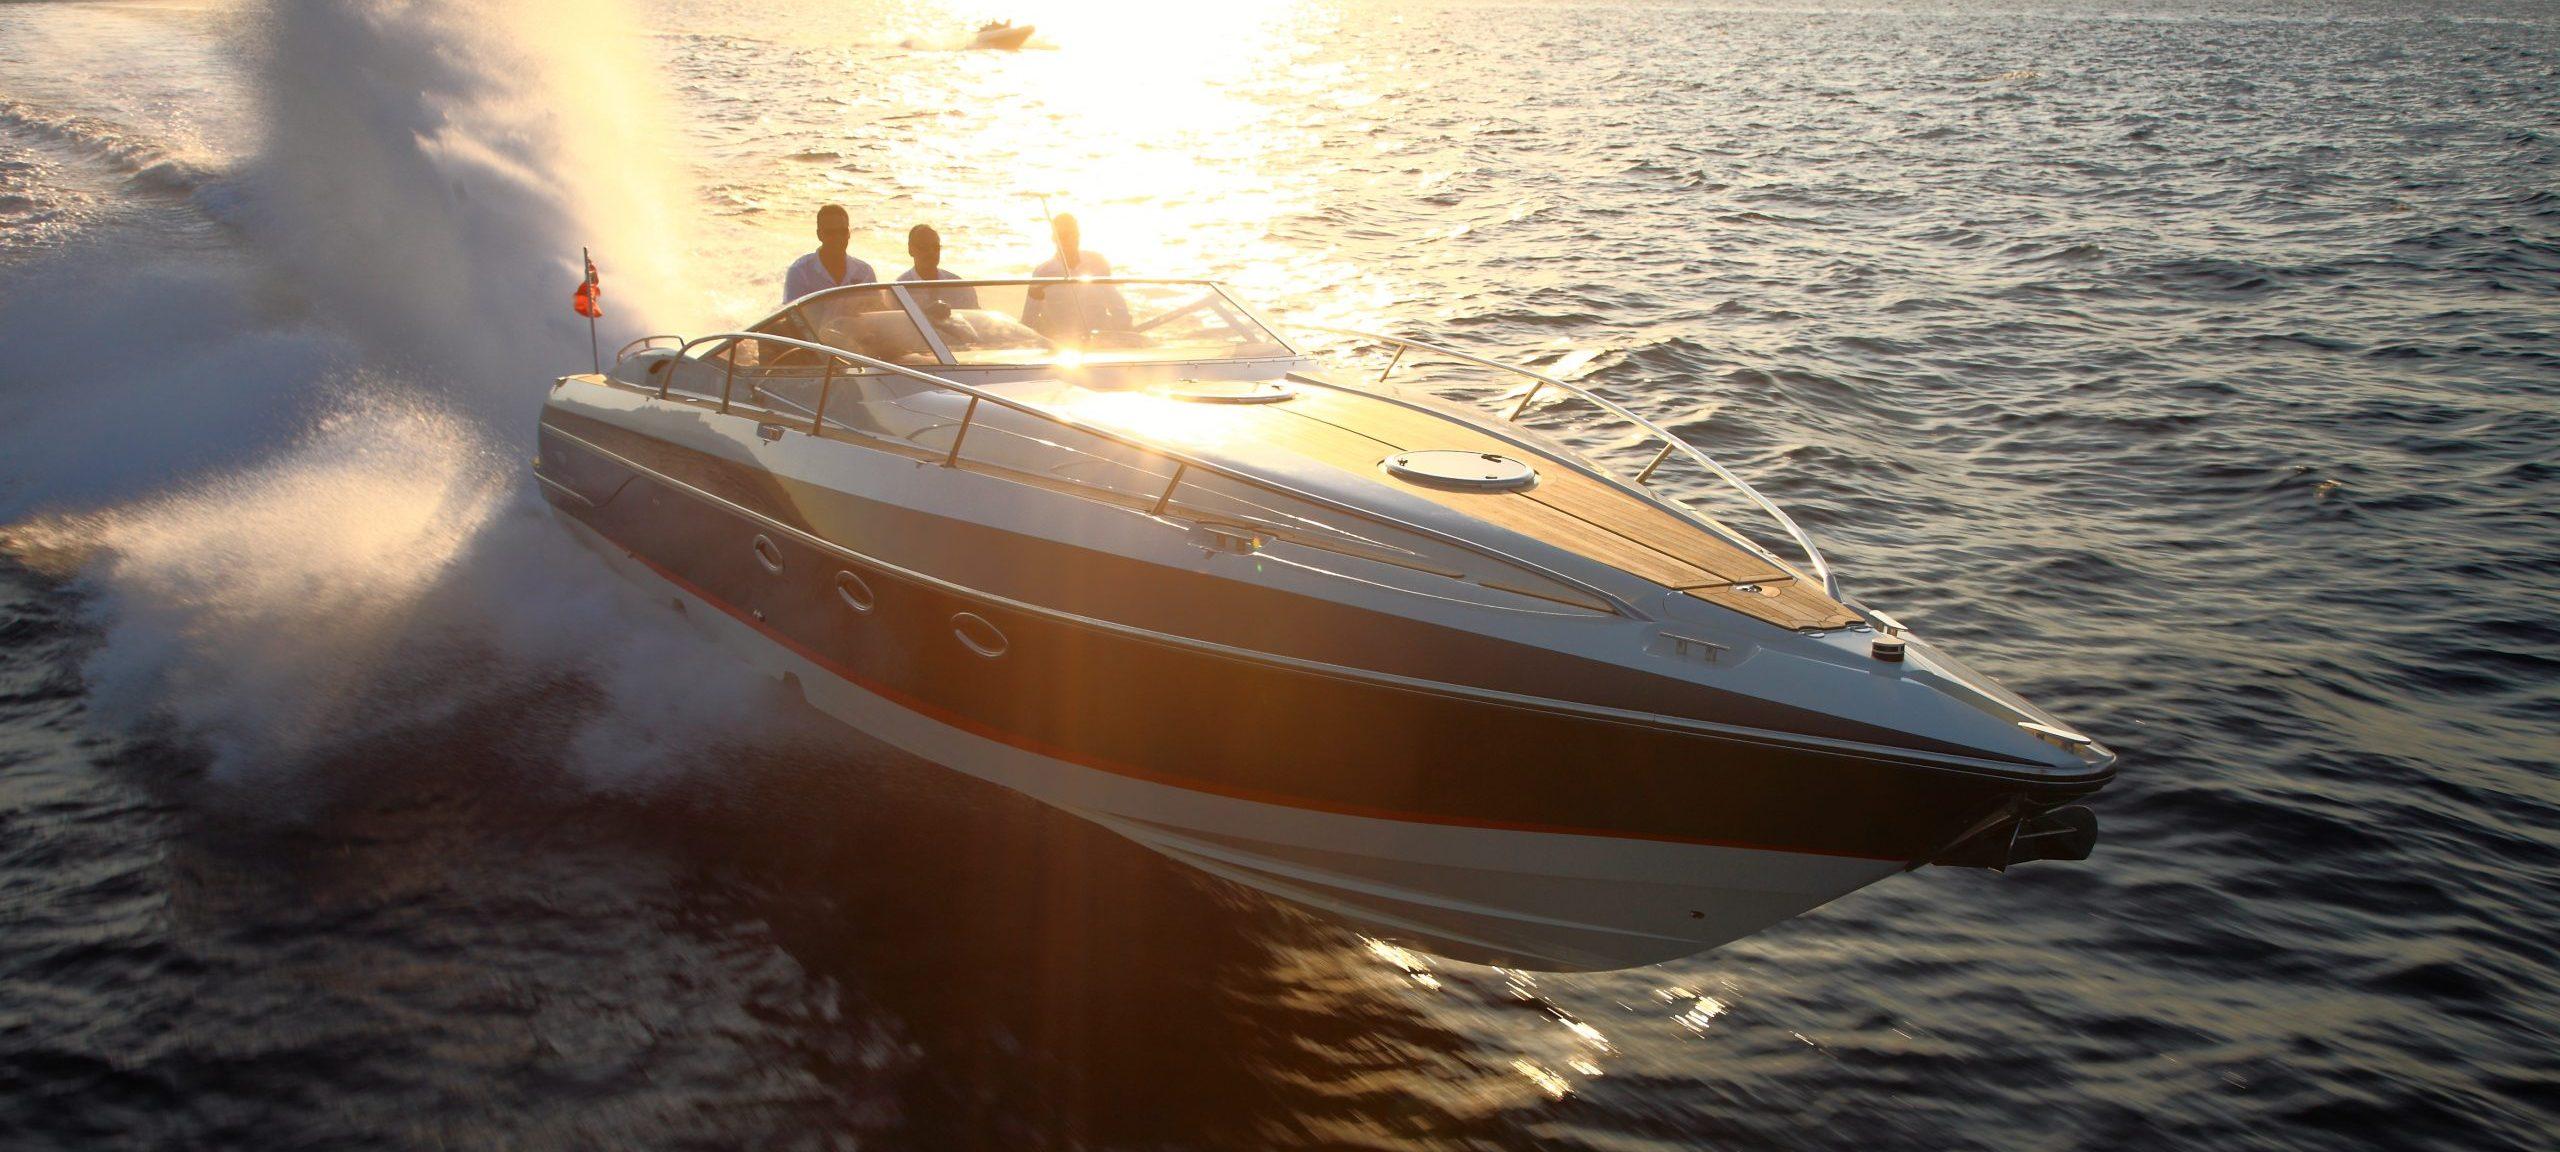 Hunton powerboat cruising at sunset